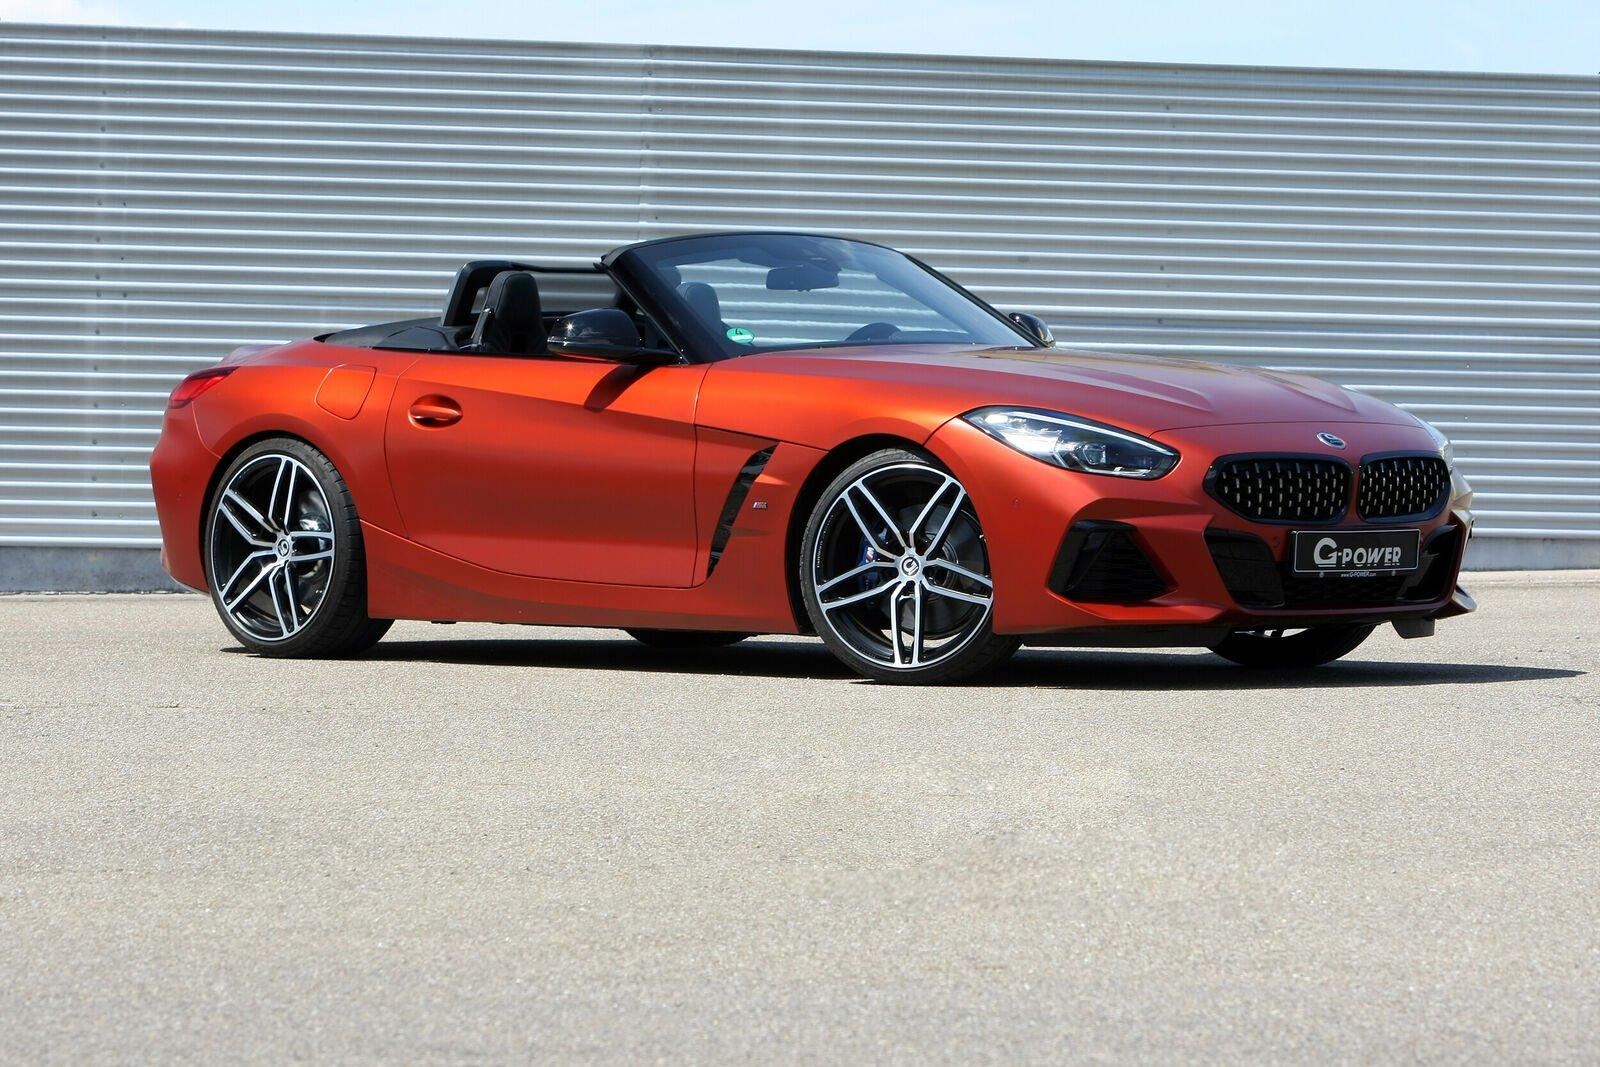 BMW-Z4-M40i-by-G-Power-3